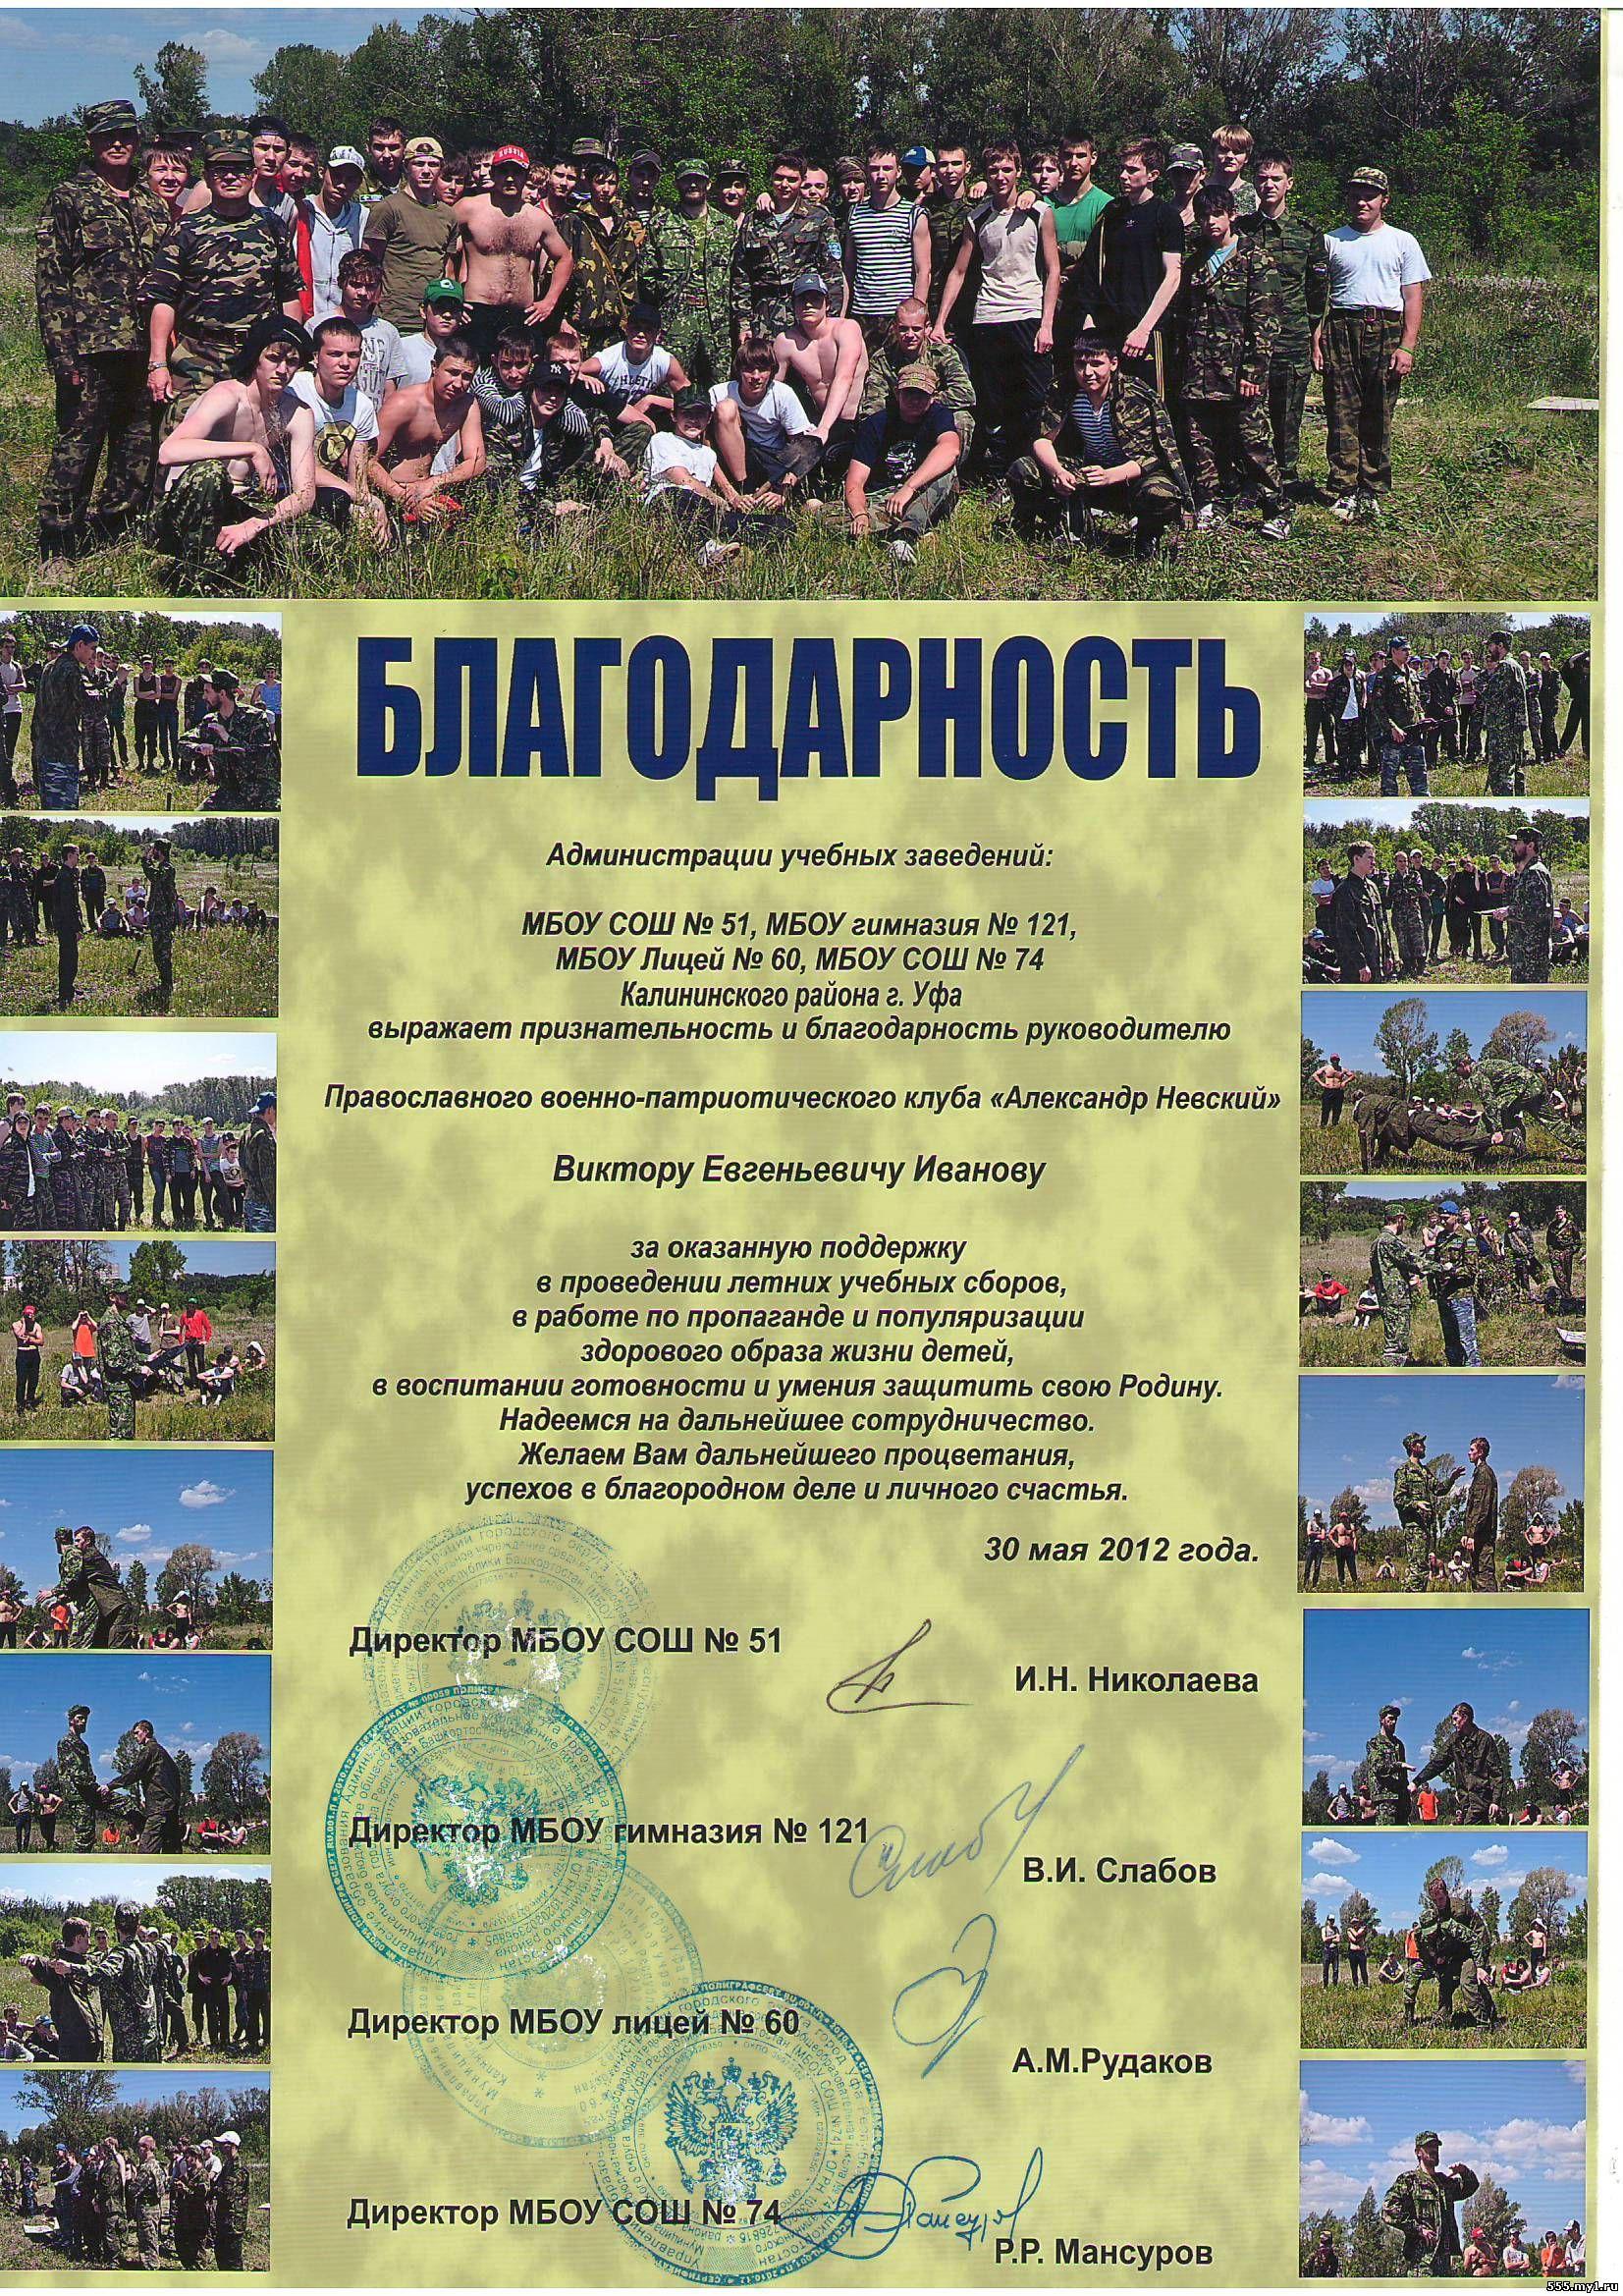 Поздравление военно патриотического клуба с юбилеем